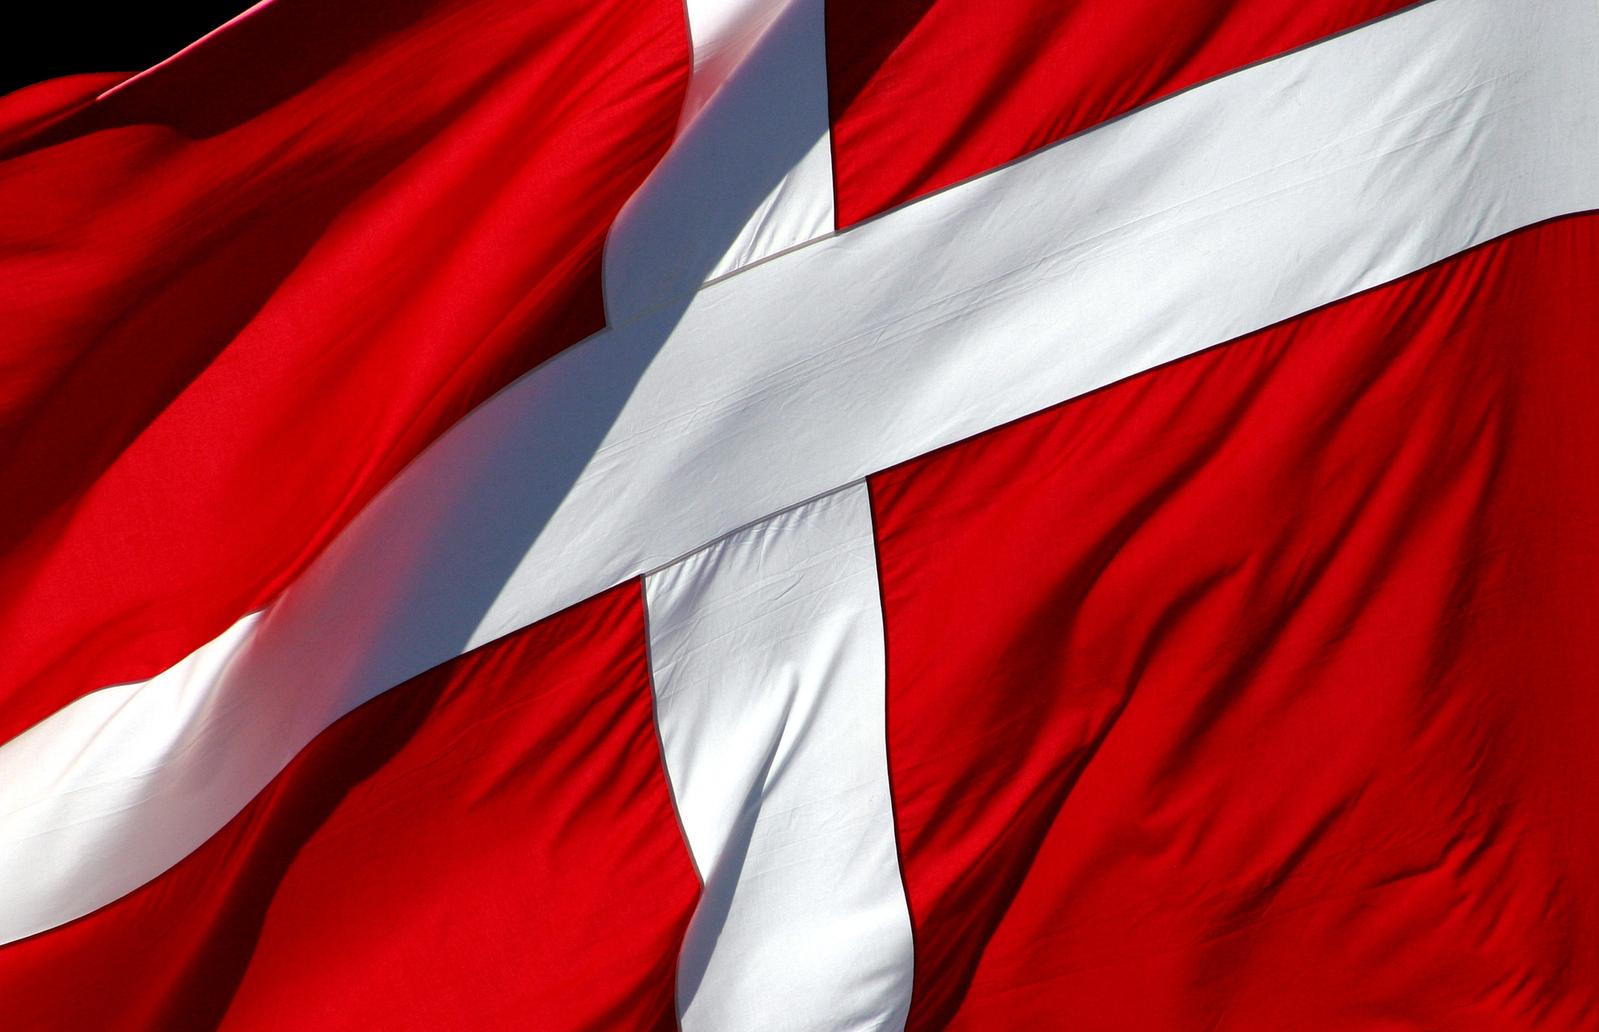 9af8748ef457b Visto para morar na Dinamarca - BrasileirasPeloMundo.com